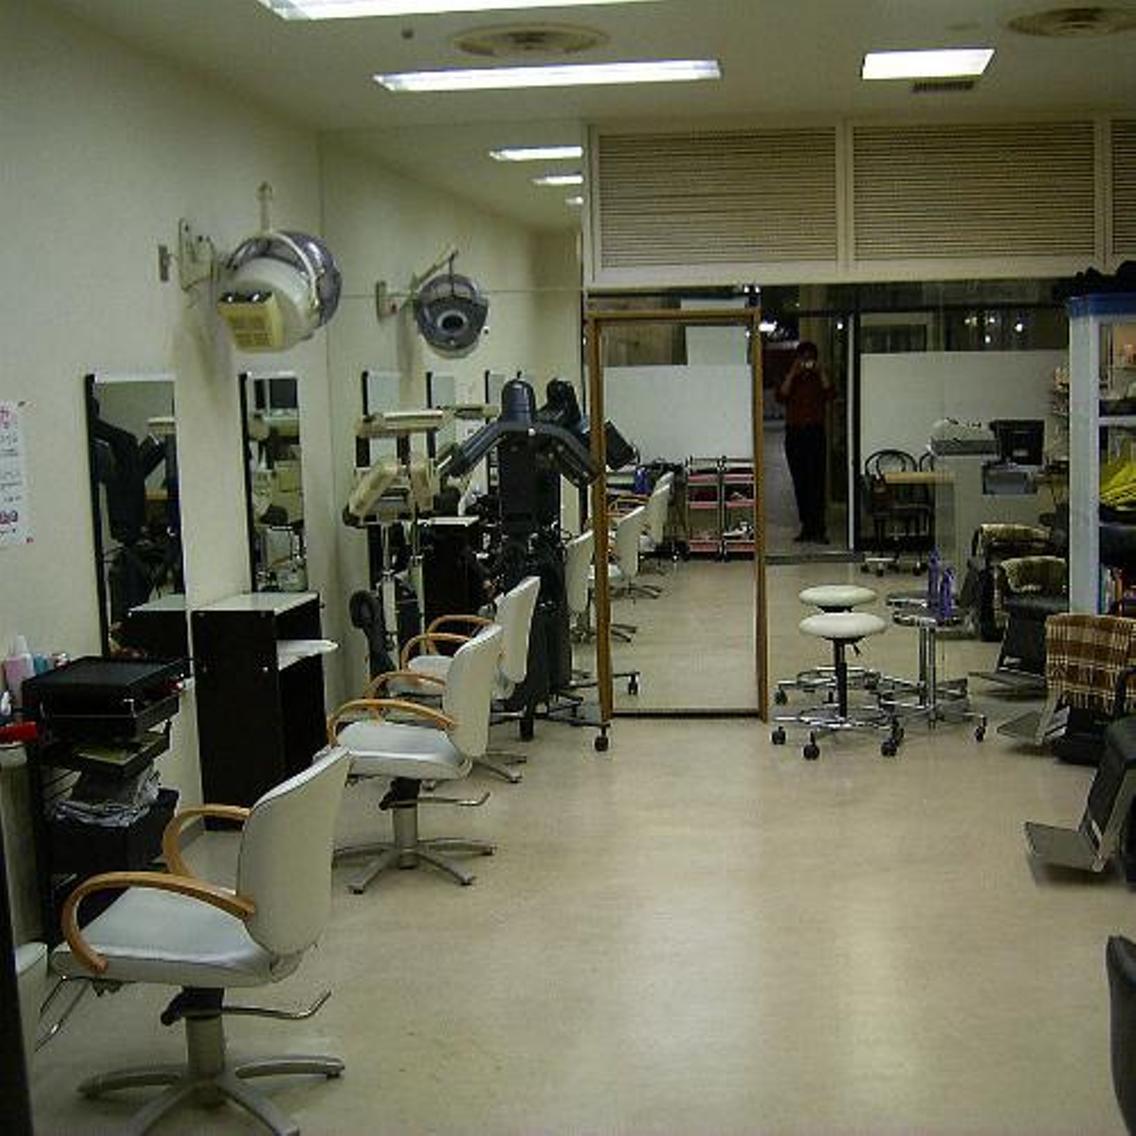 ≪滝川市の美容院♪≫お客さまの『髪質』と『ご要望』に合わせて、洗練されたスタイルをご提案します✲:゚・✿❀何でもご相談ください!